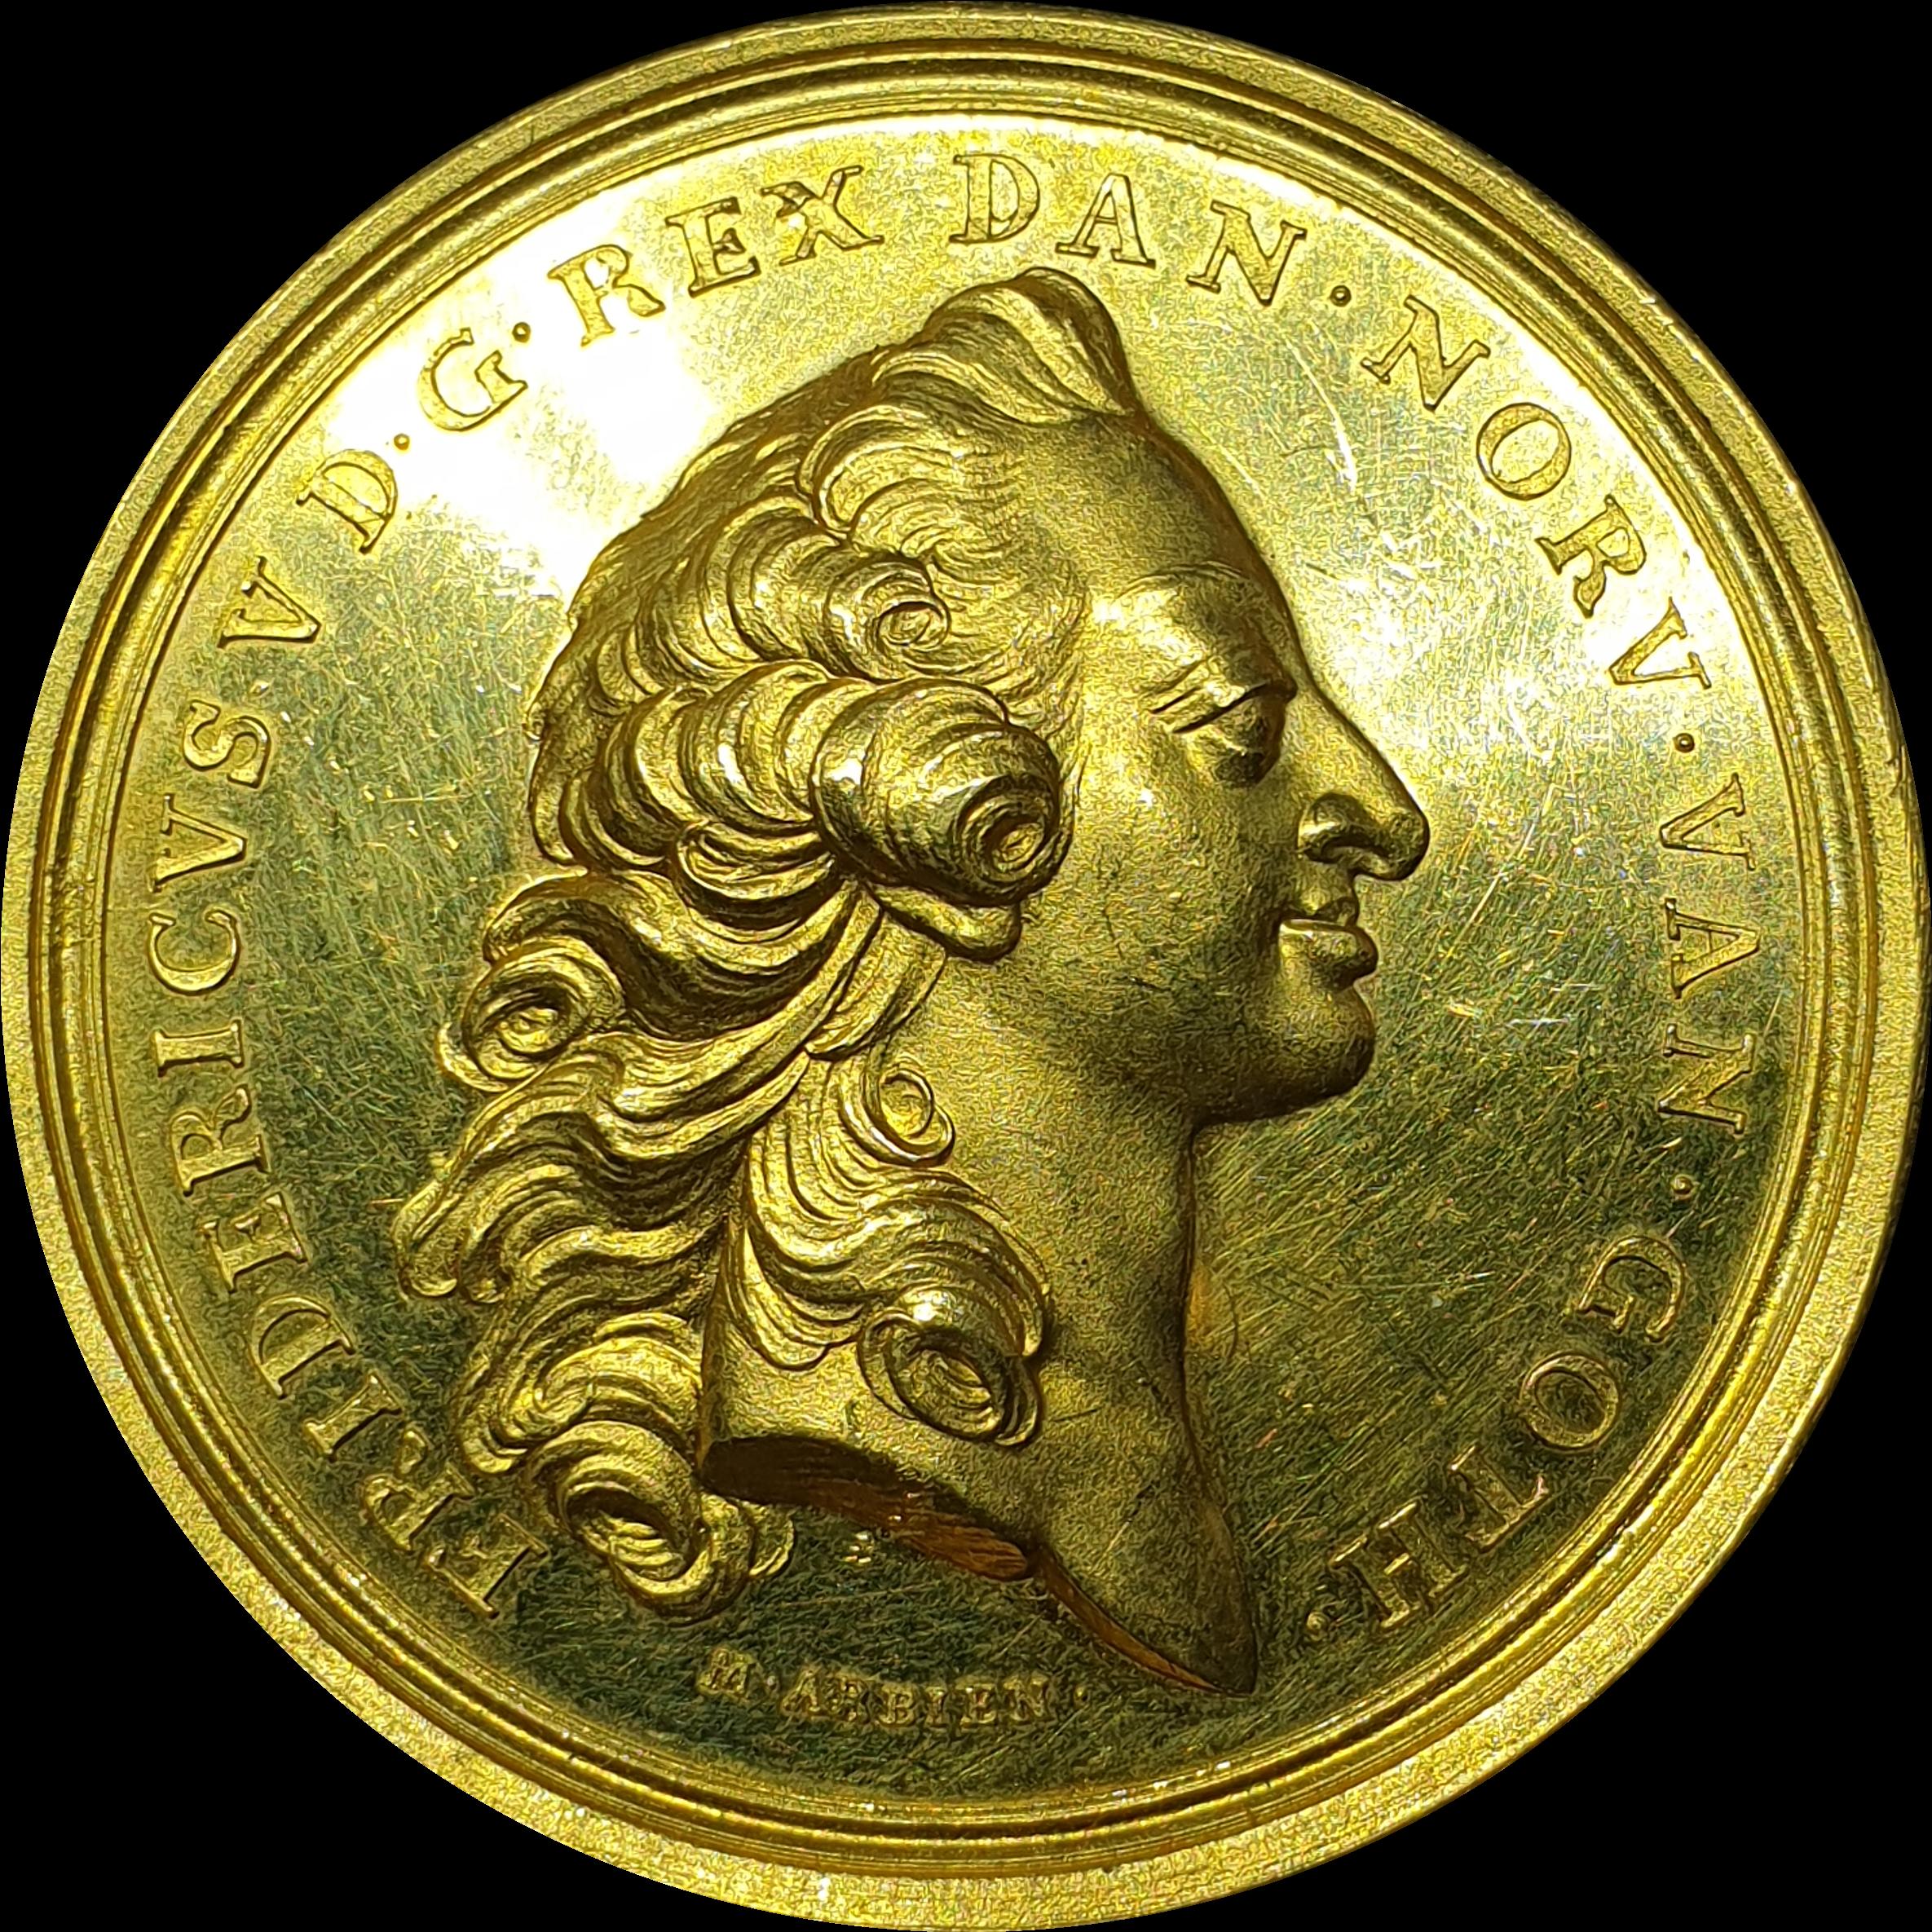 Denmark - 'Frederik V' - Specimen Medal of 12 Ducats - 1758